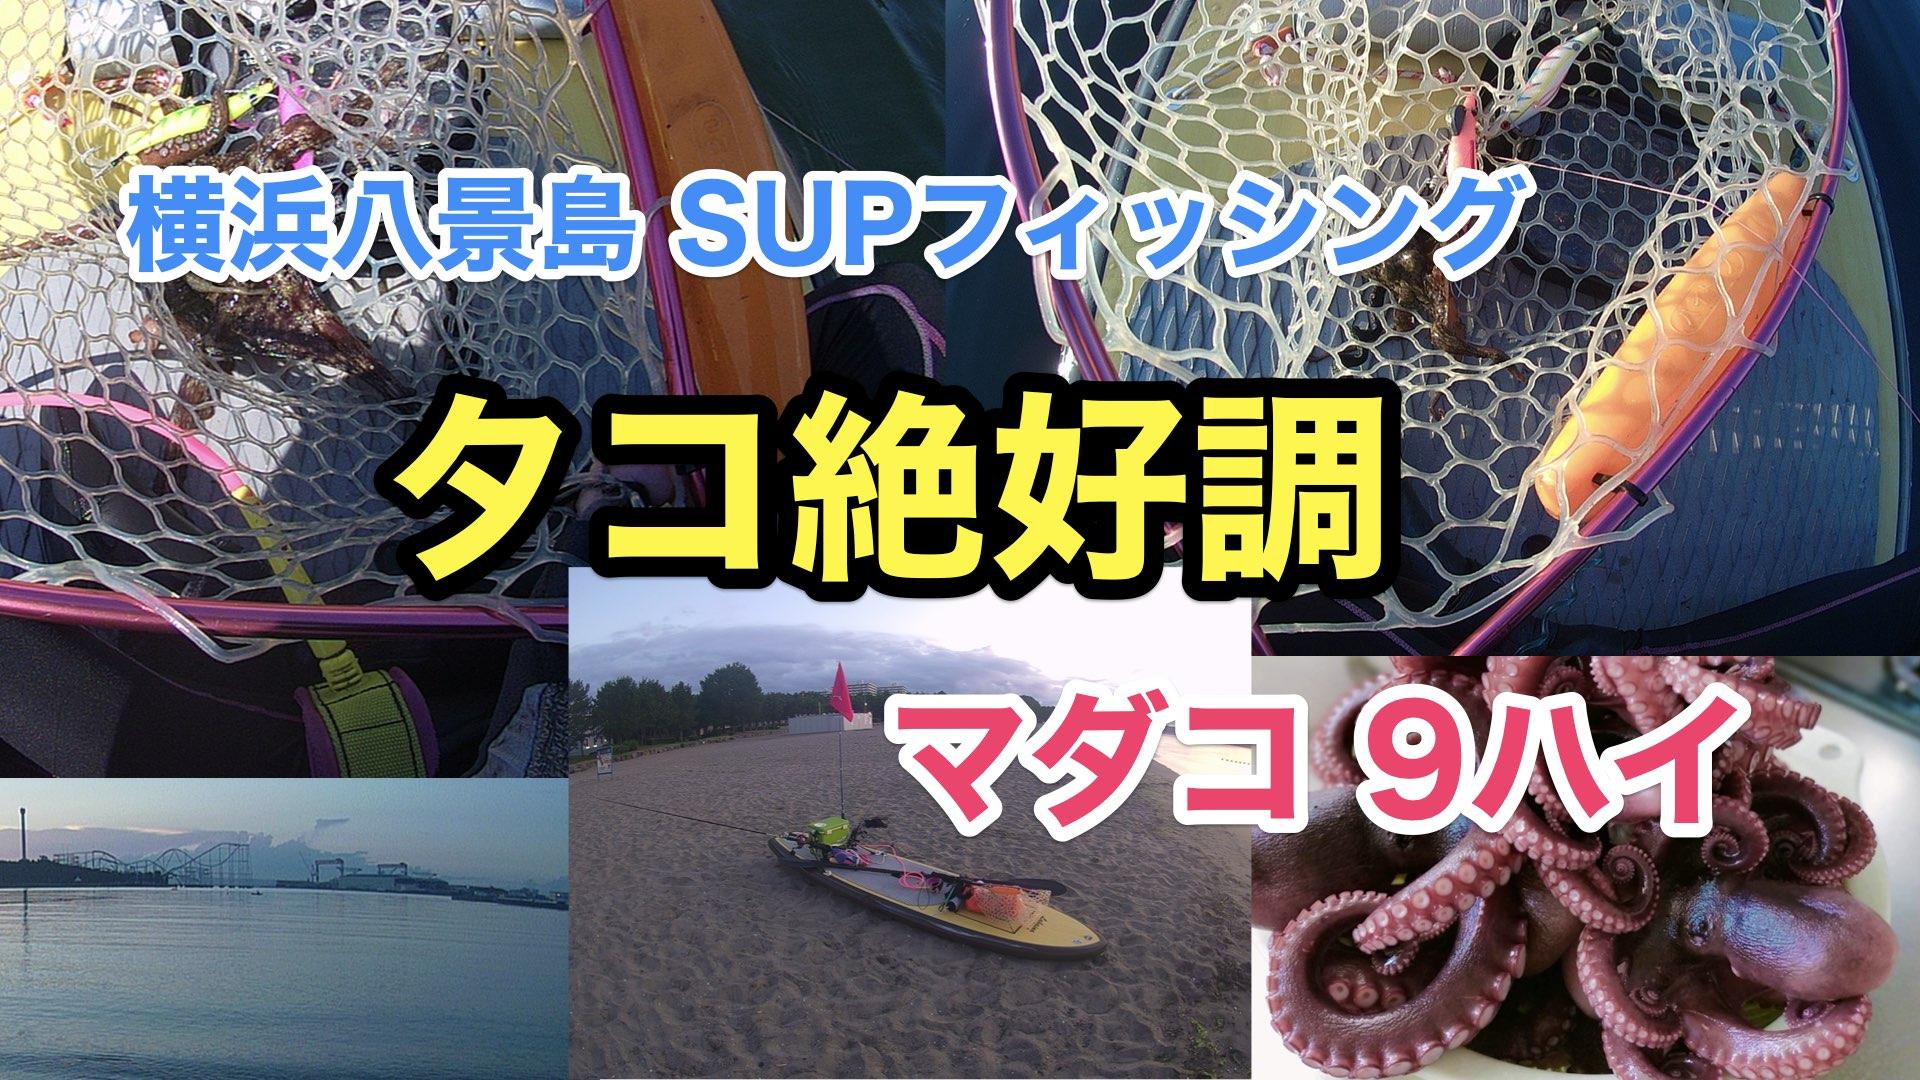 【タコ9ハイ】SUPフィッシング@横浜八景島20210724